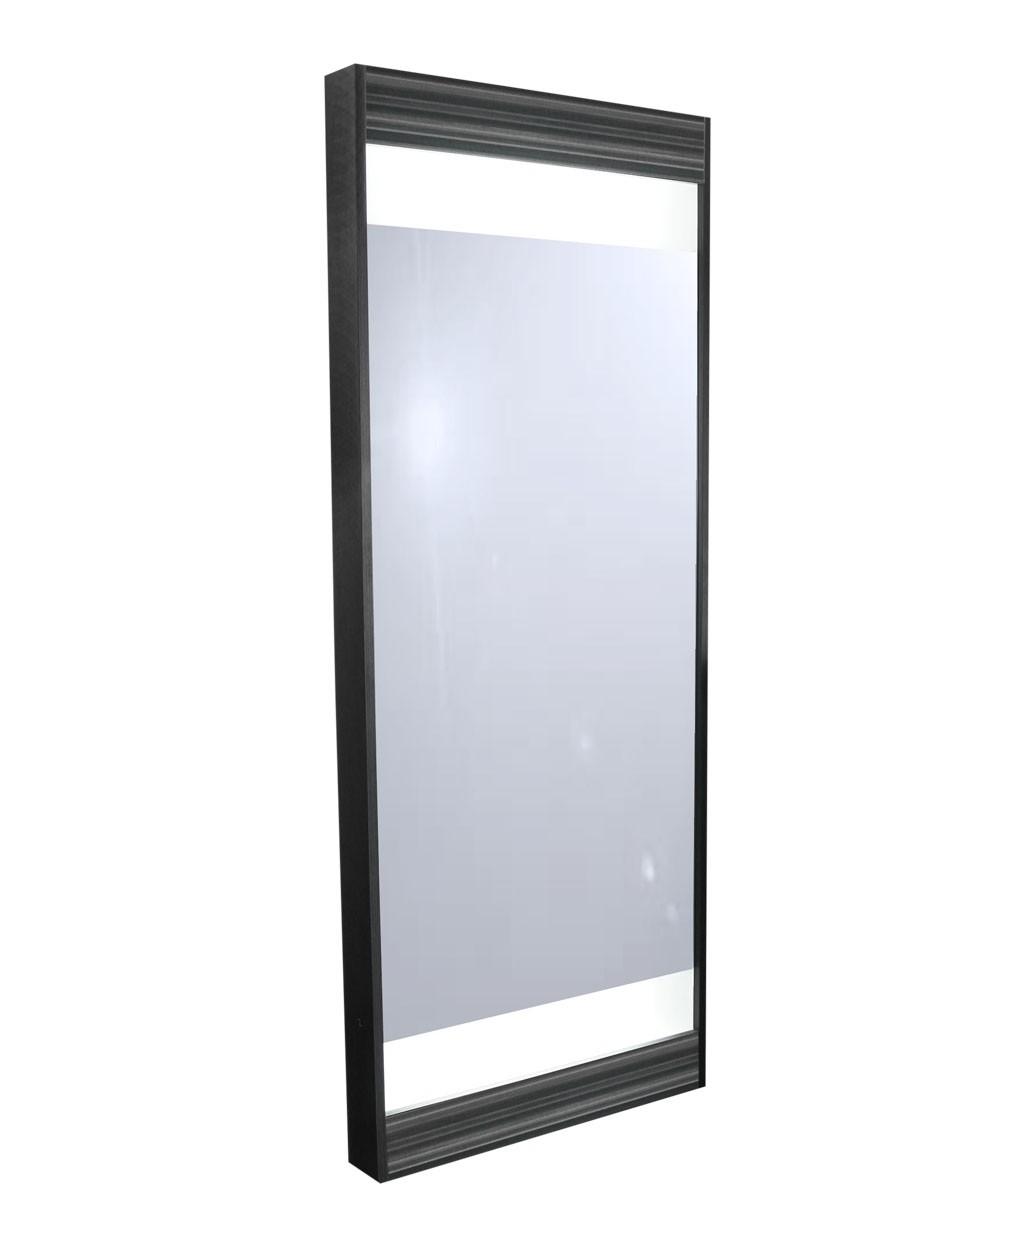 Collins 6621 Edge Full-Length Framed Mirror w/ Lights